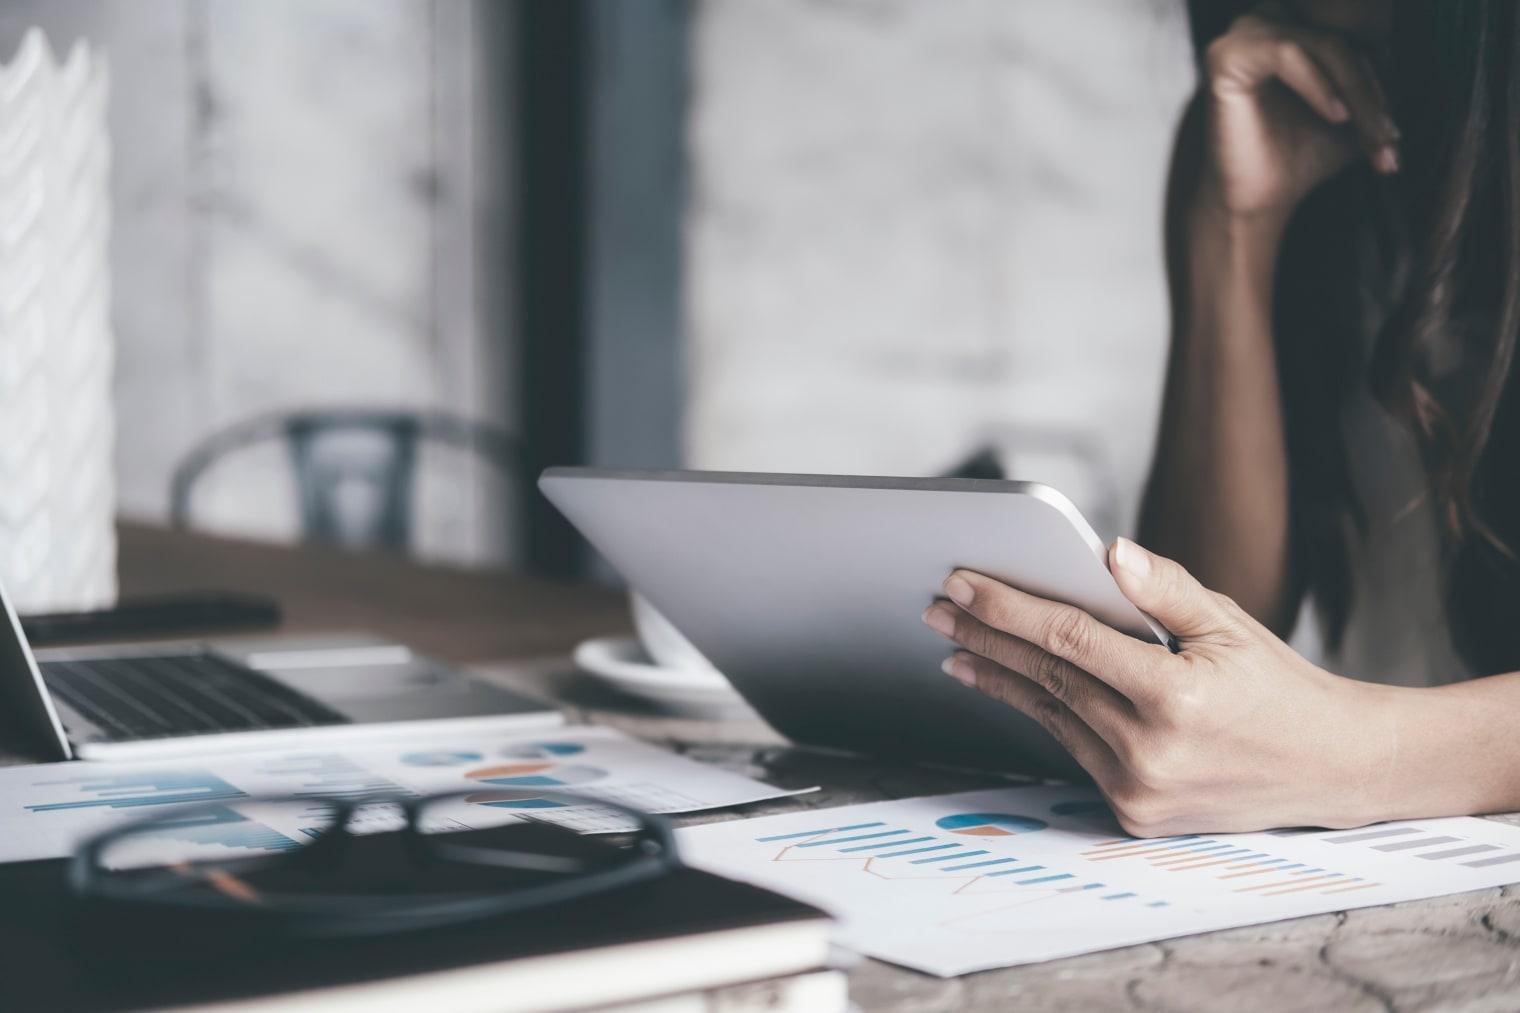 Une femme est assise à un bureau et regarde attentivement une tablette; sur le bureau se trouvent des papiers avec des diagrammes et un ordinateur portable.